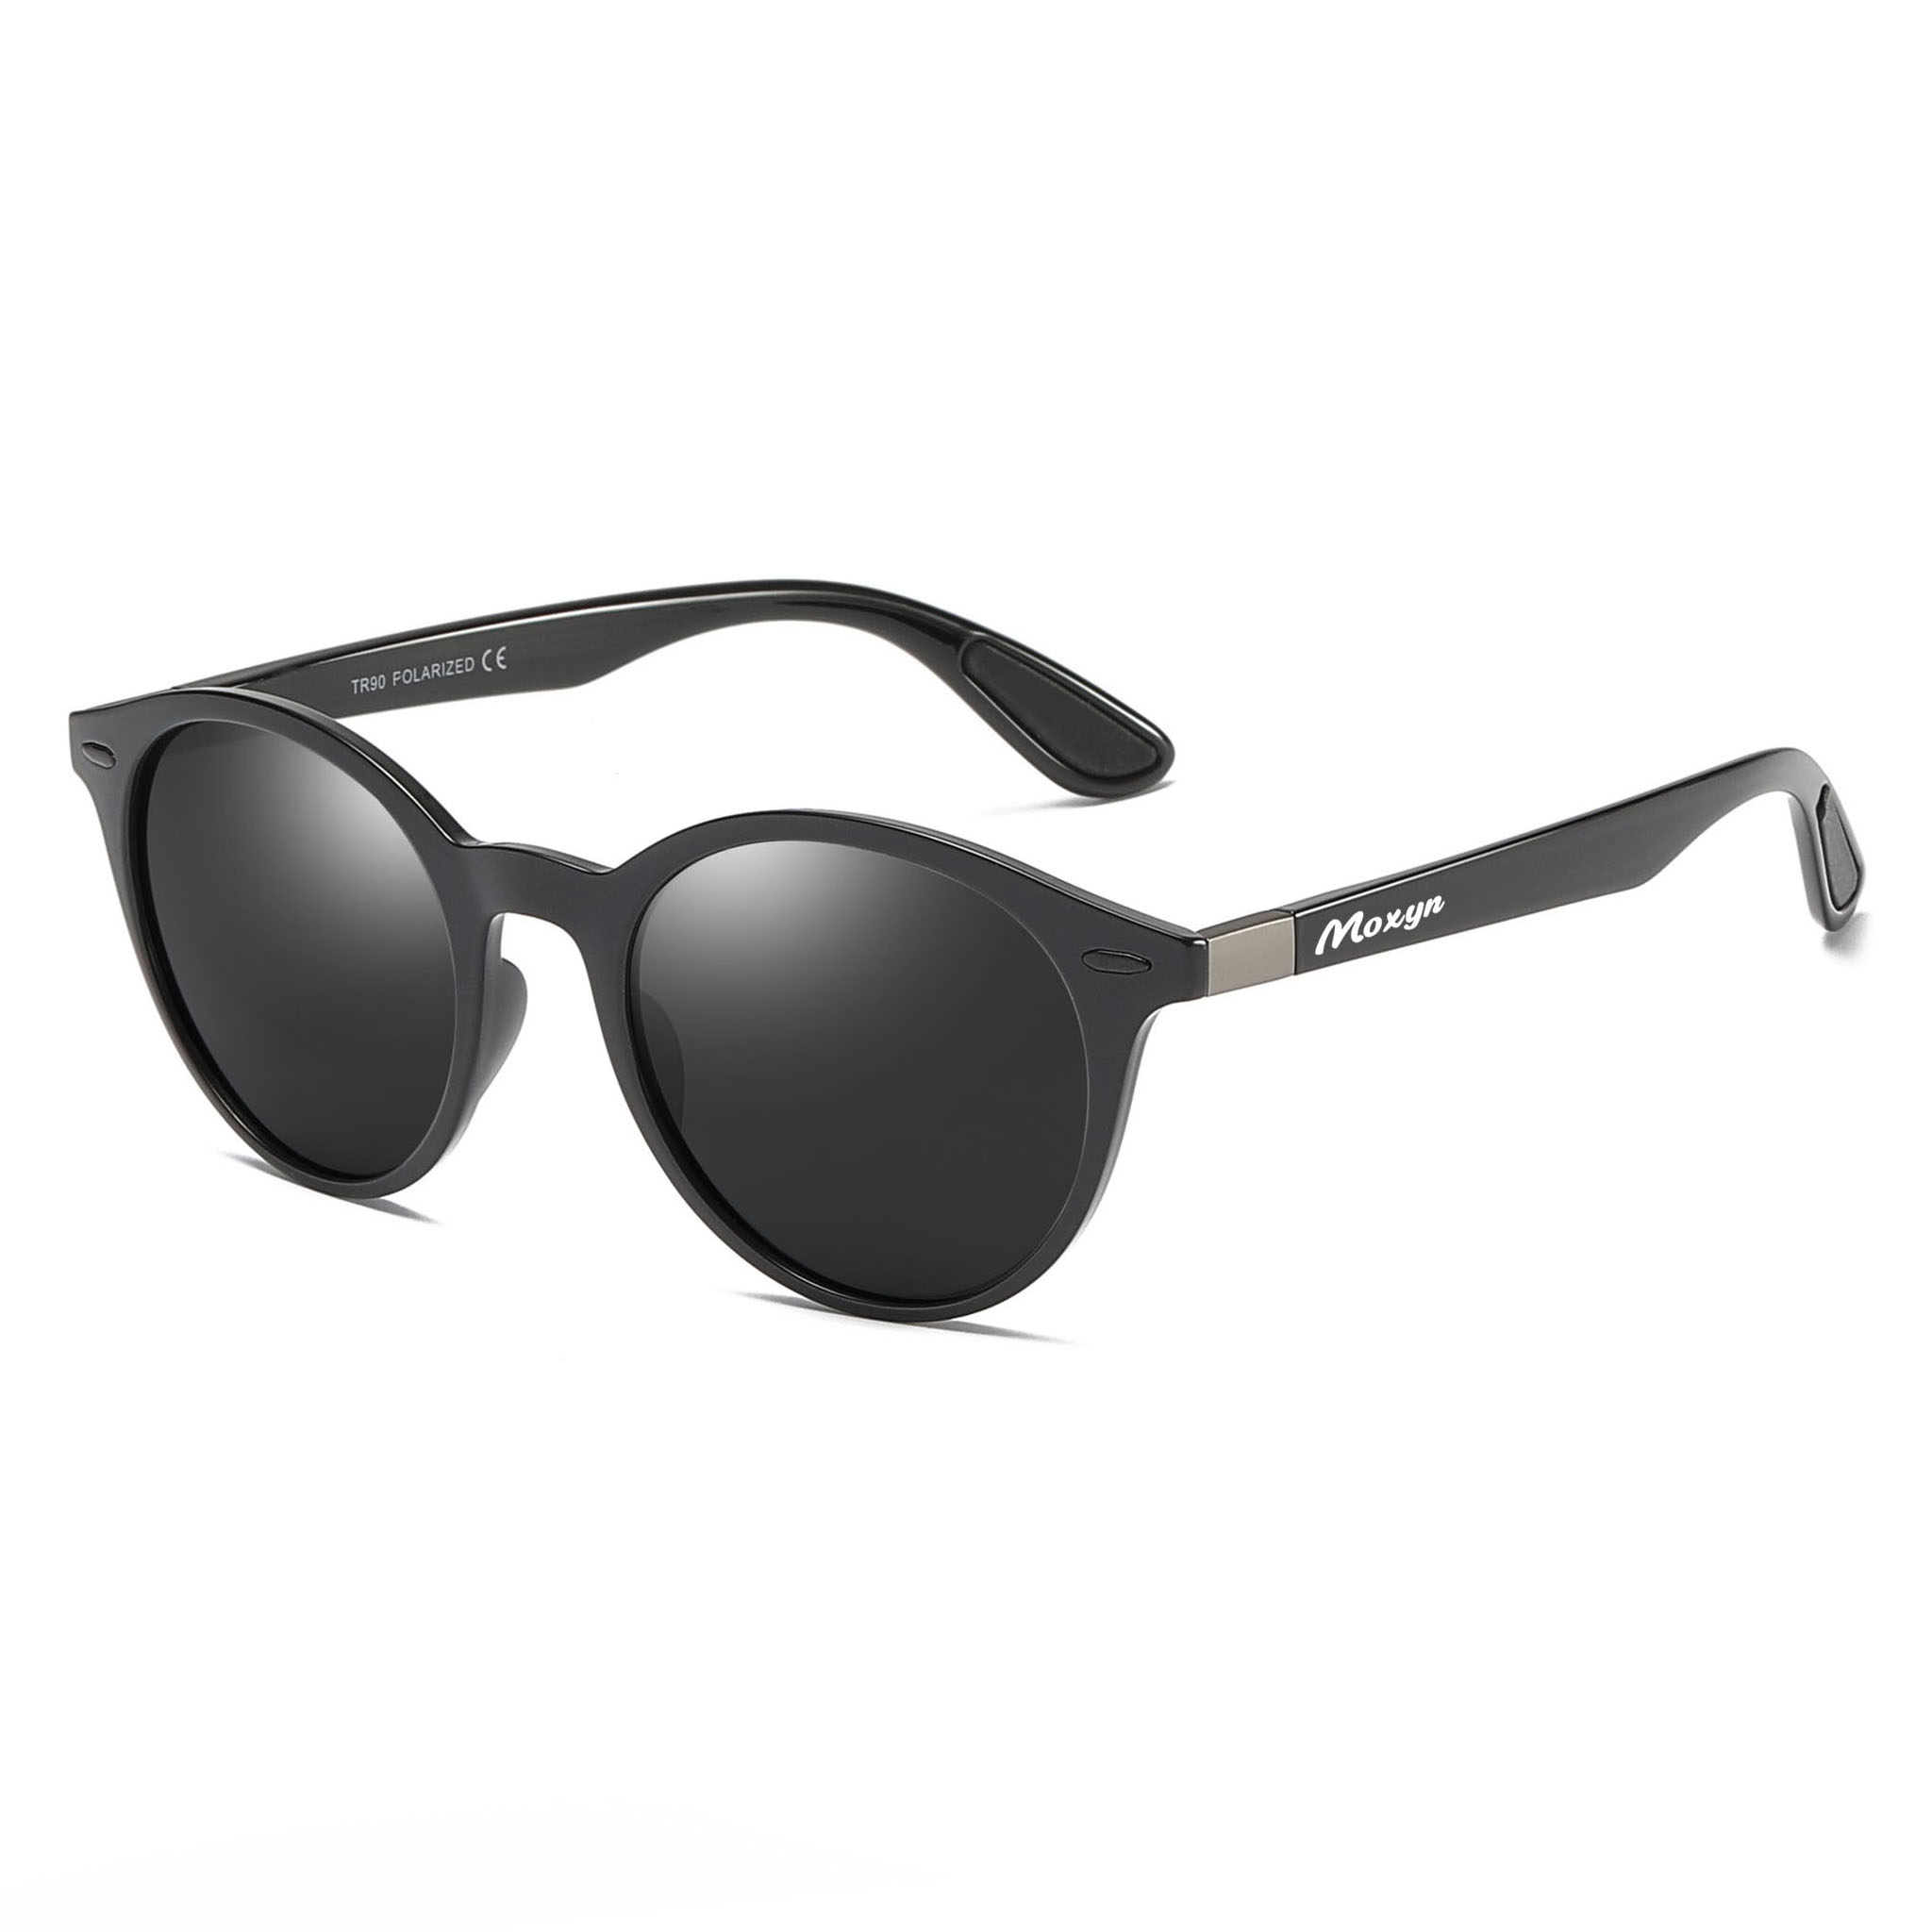 84a276ac10 Gafas de sol Polarizadas 2x1 y envío gratis 24/48h. descubre los modelos